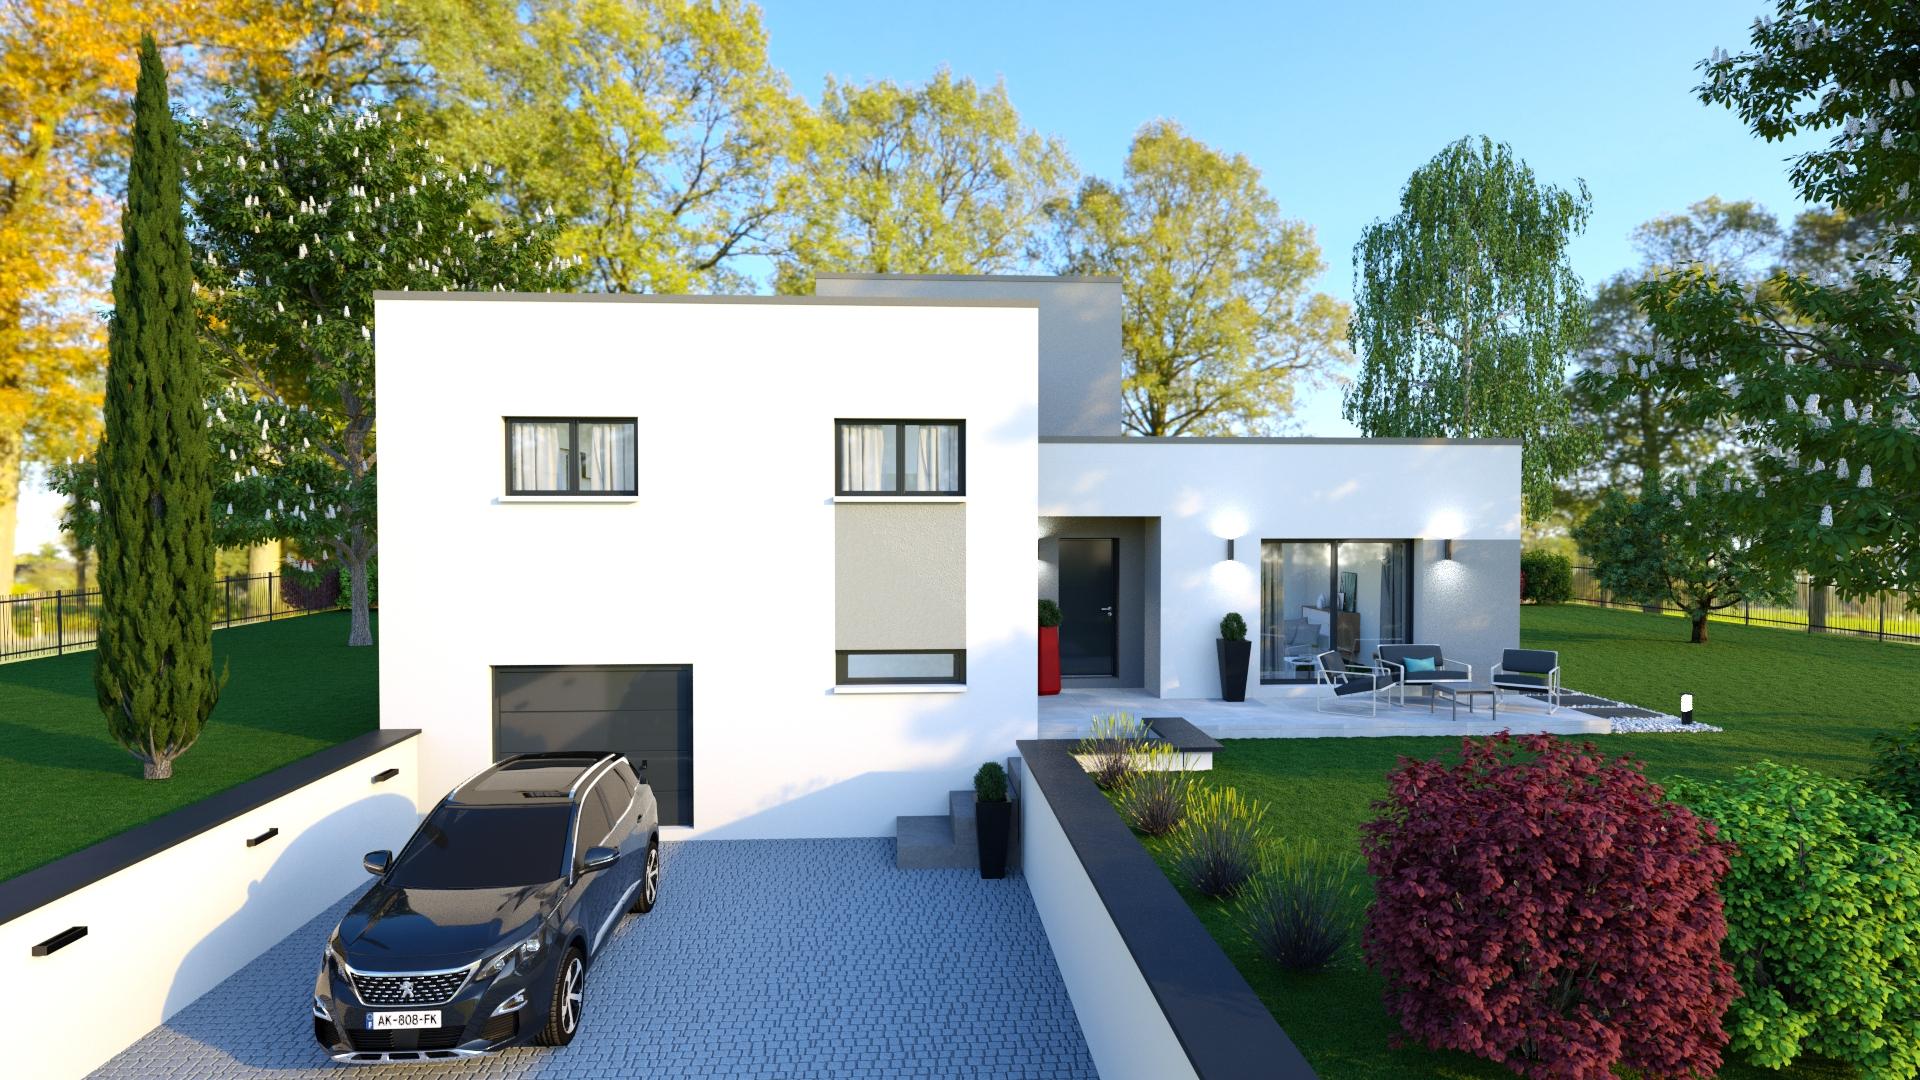 Perle, Maison Sous-Sol Avec Toiture Terrasse, 3 Chambres ... intérieur Terrasse Toit Plat